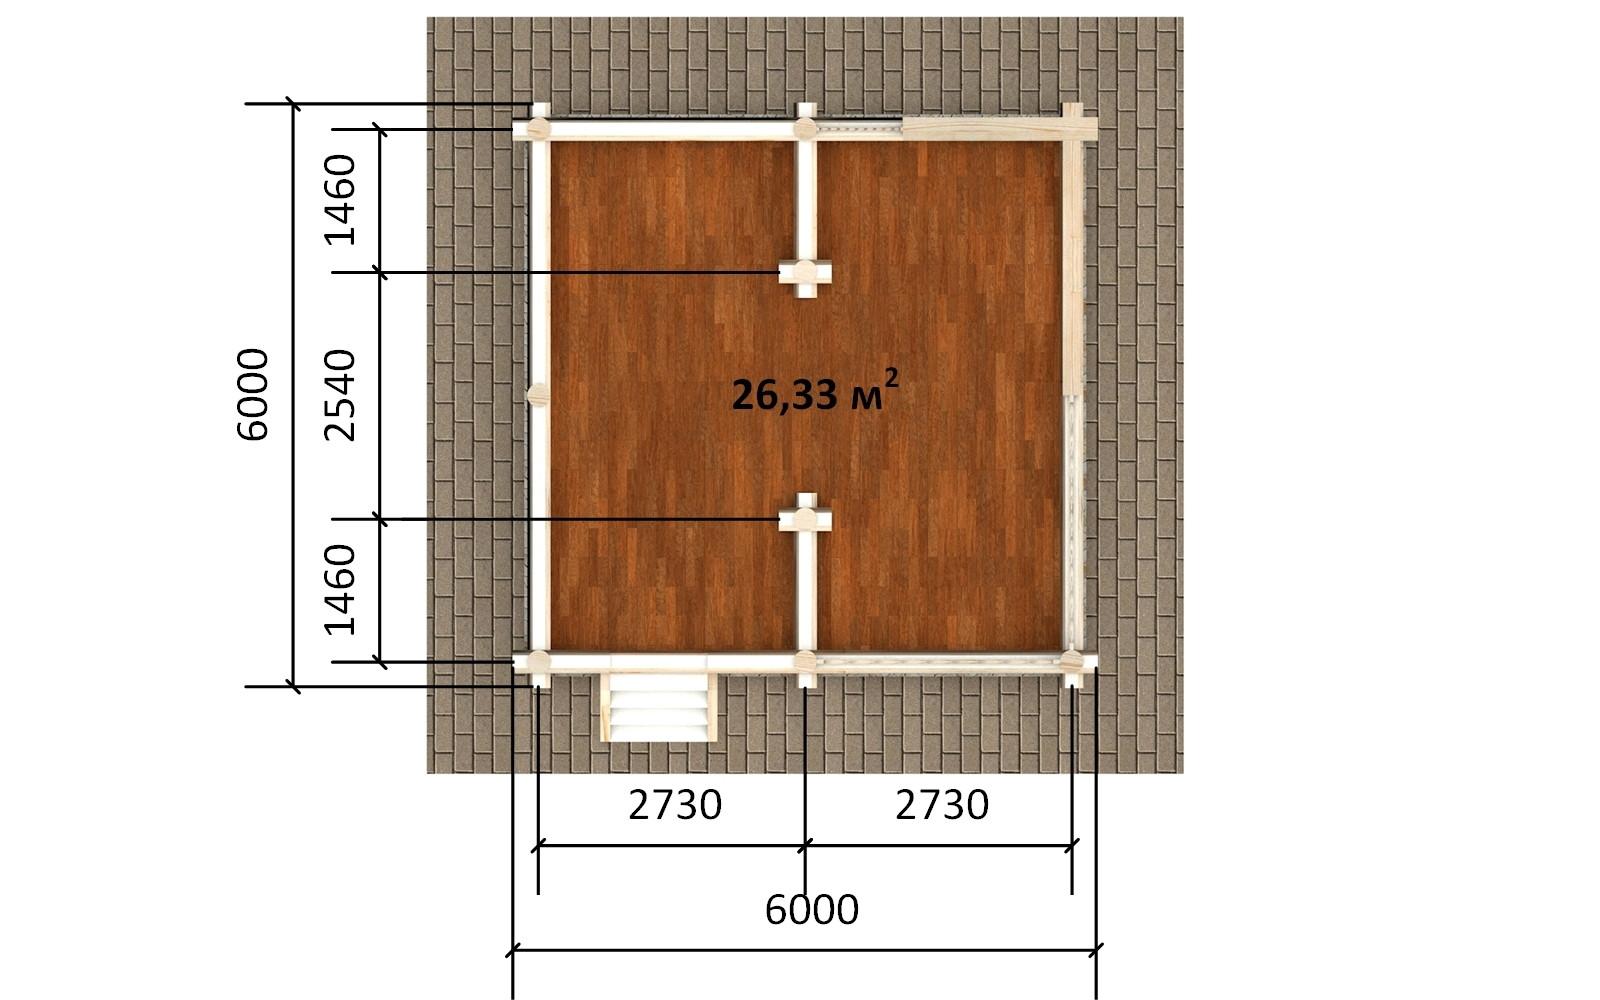 Фото #4: деревянная беседка БС-8 из бревна